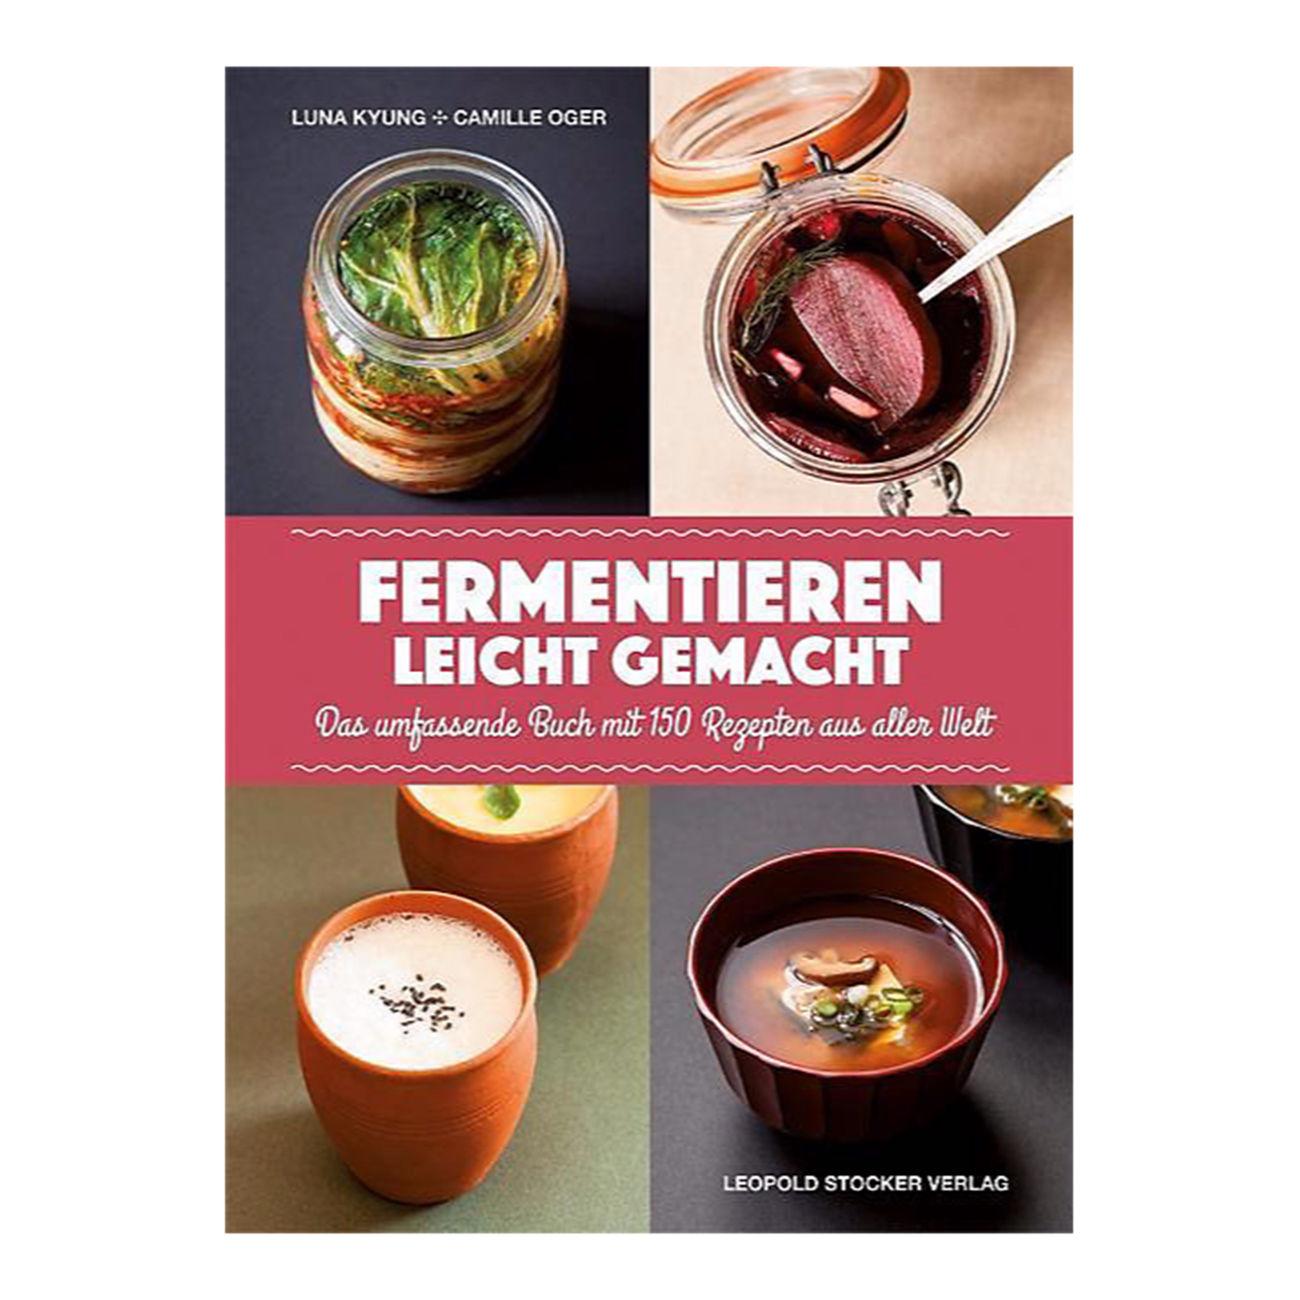 Buch Fermentieren leicht gemacht günstig kaufen - Kotte & Zeller